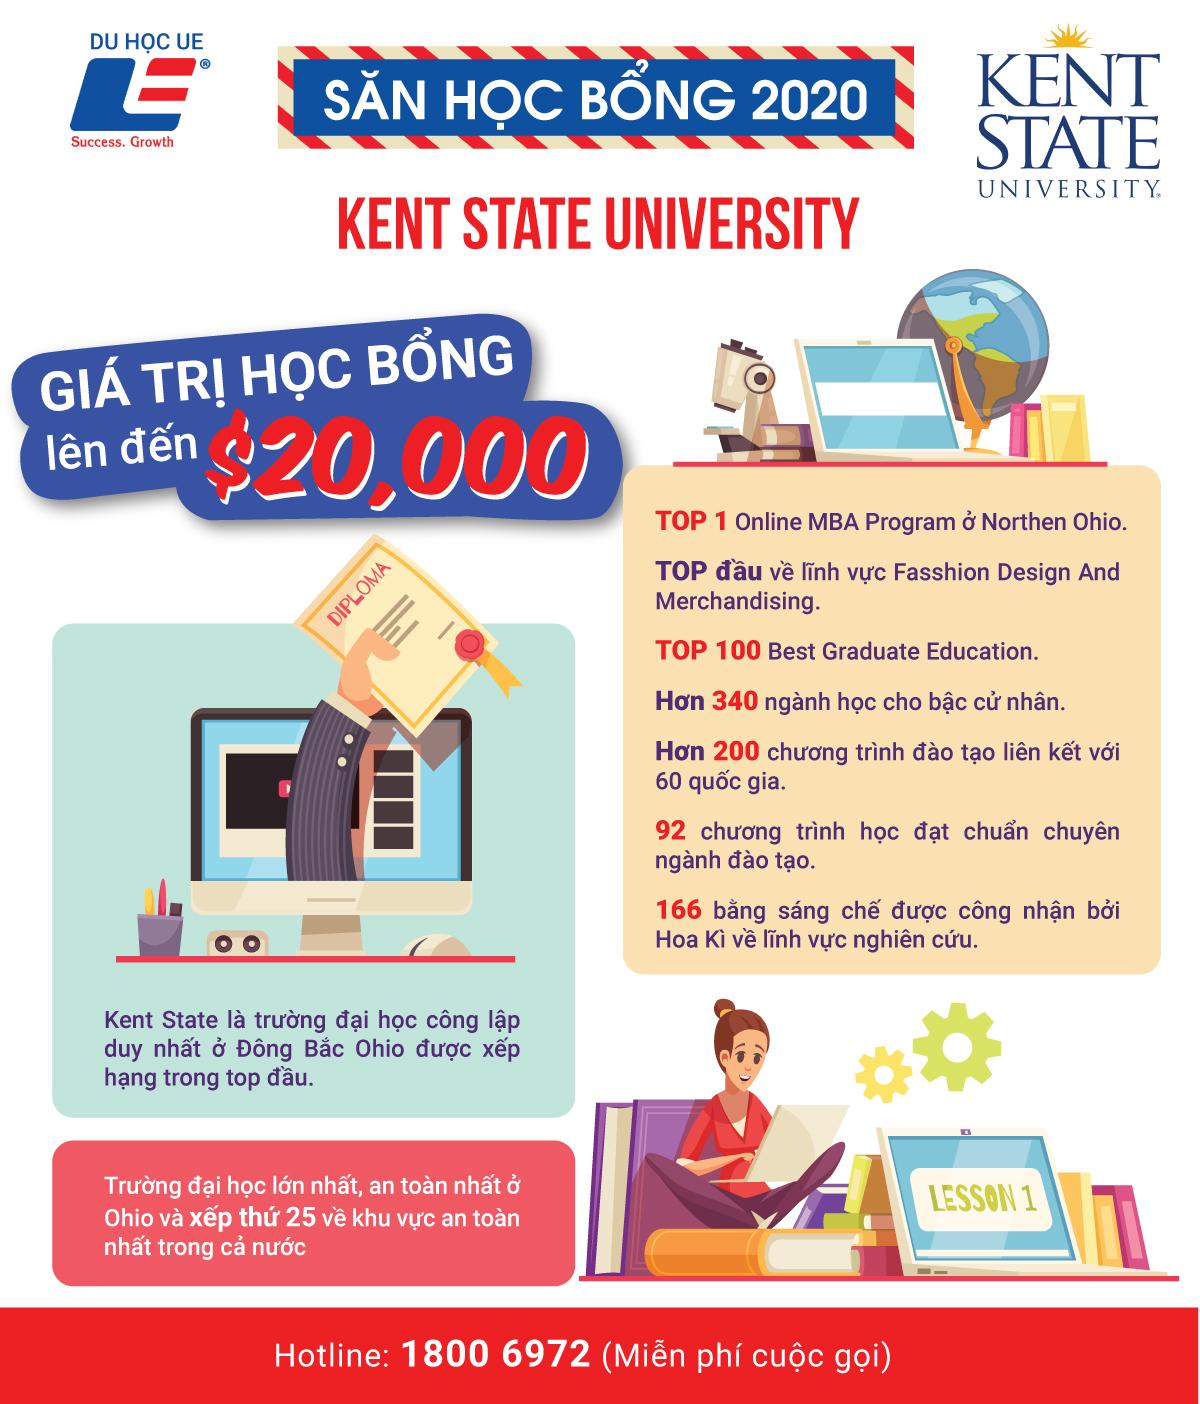 Kent State University - Lựa chọn đầy lý tưởng cho các bạn trẻ tại xứ sở cờ hoa